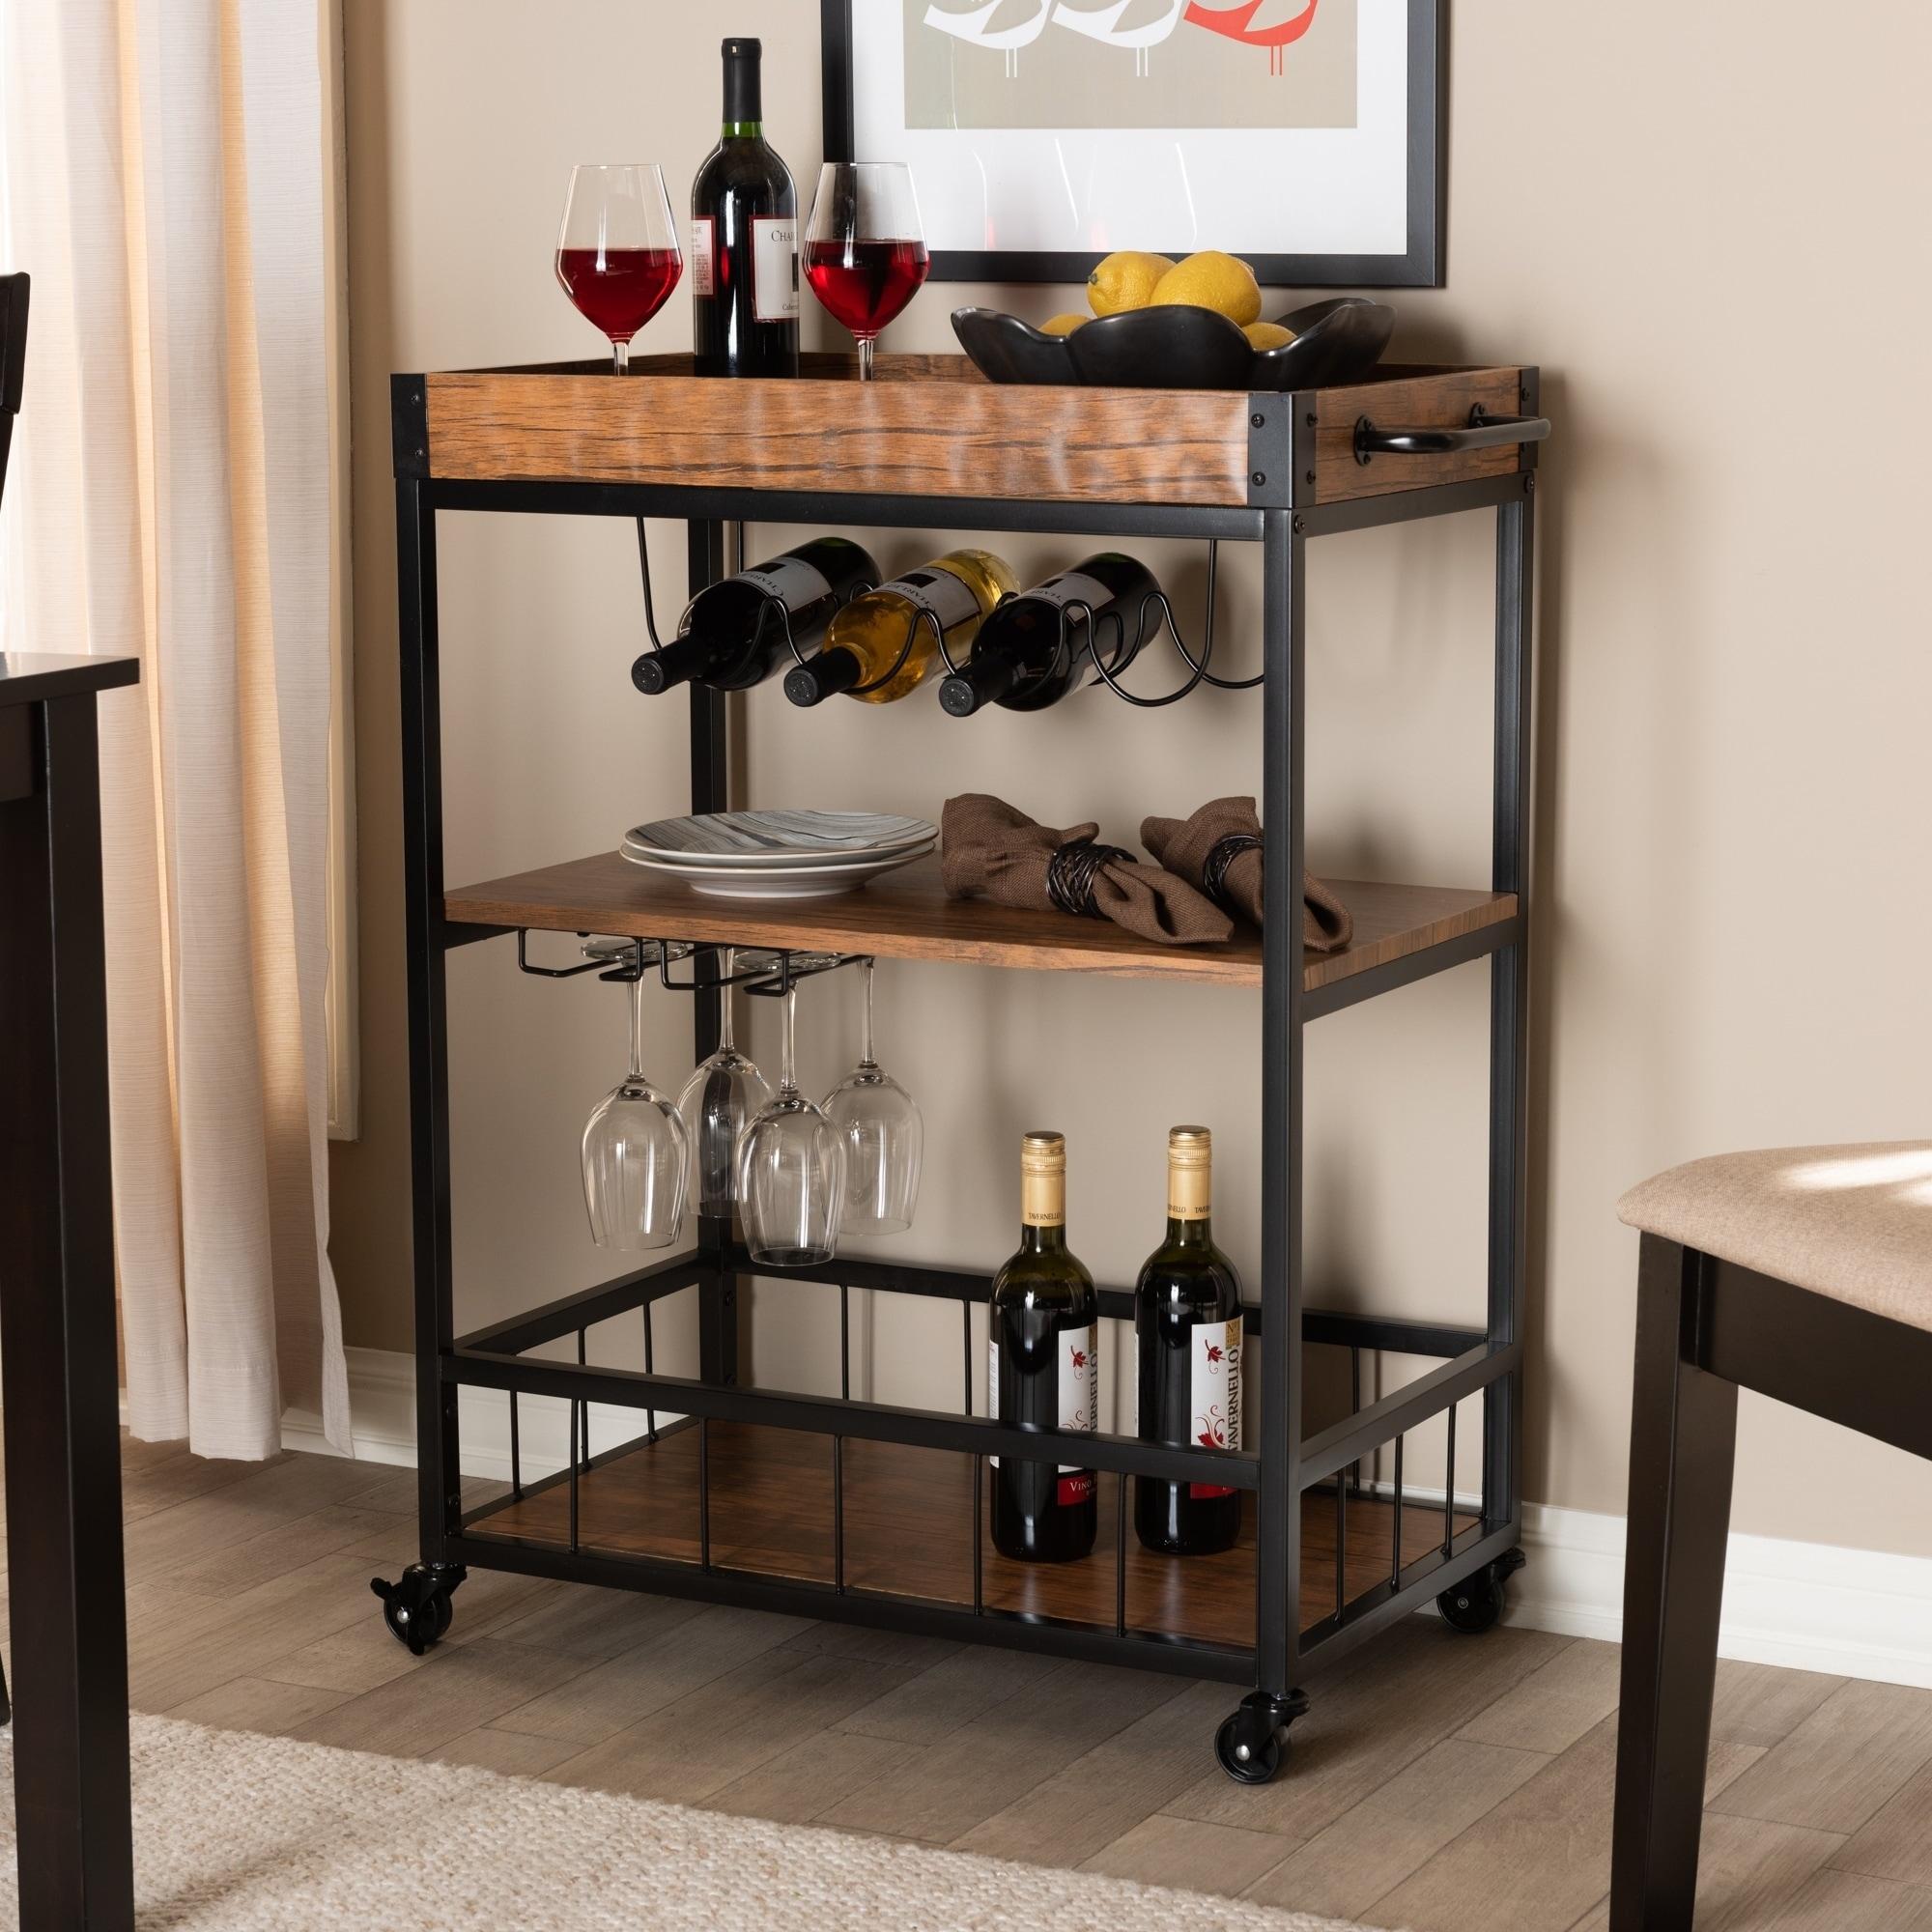 Bar Carts Bar Carts With Wine Rack